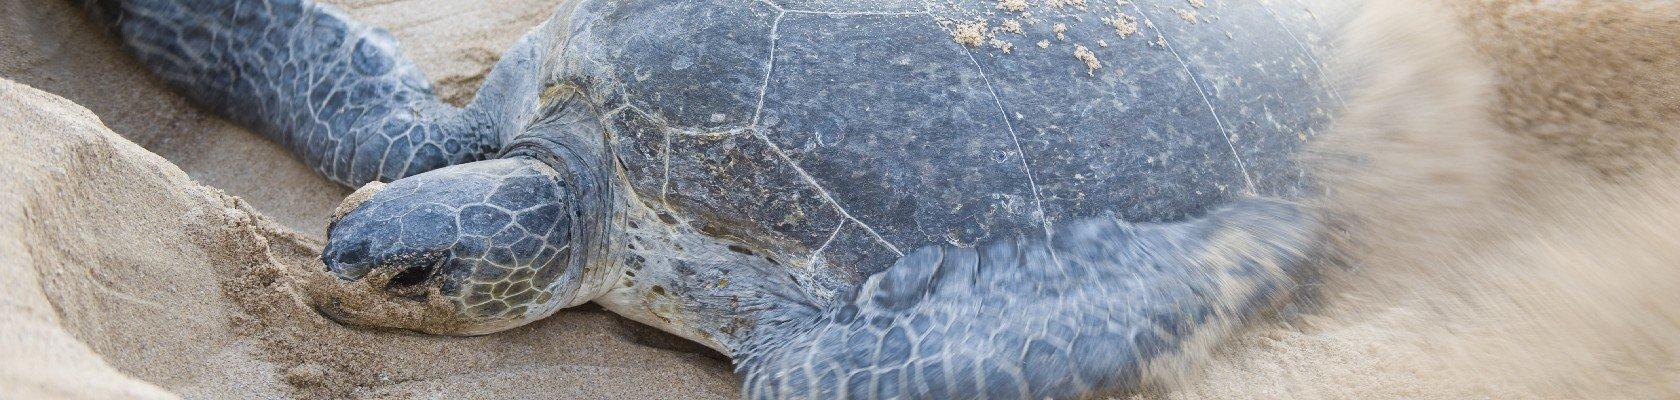 Schildpadden bij Ras Al Jinz